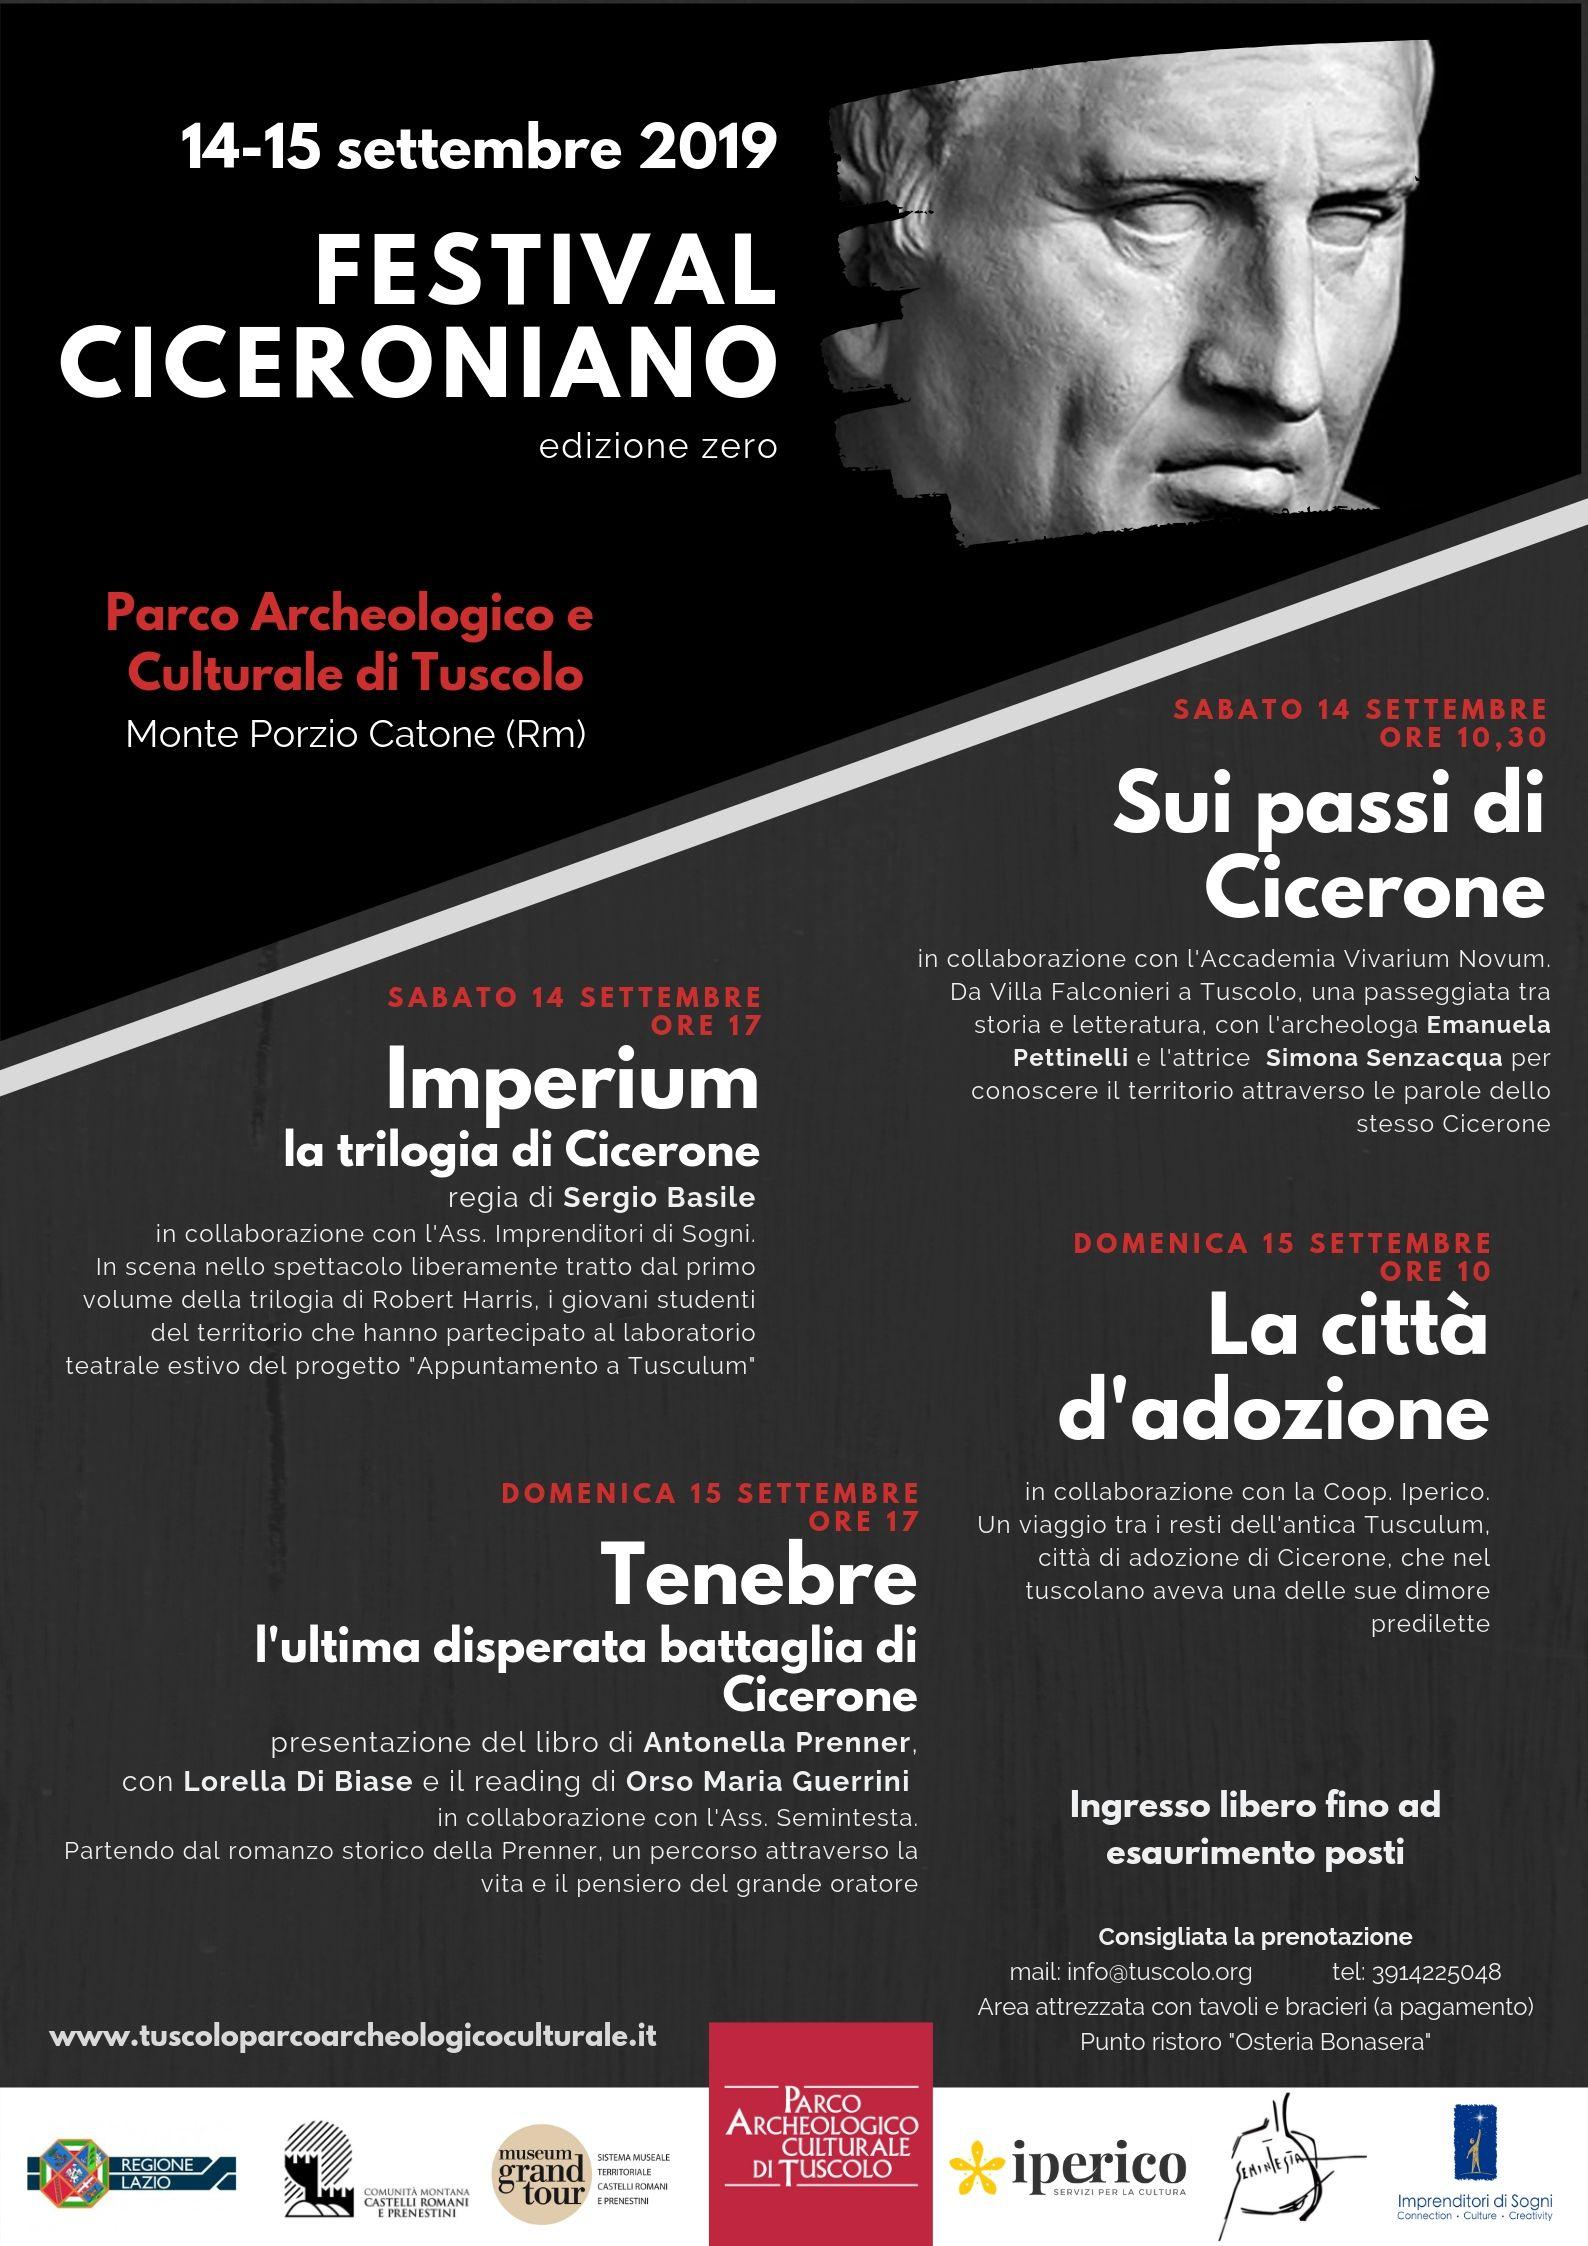 FESTIVAL CICERONIANO AL TUSCOLO